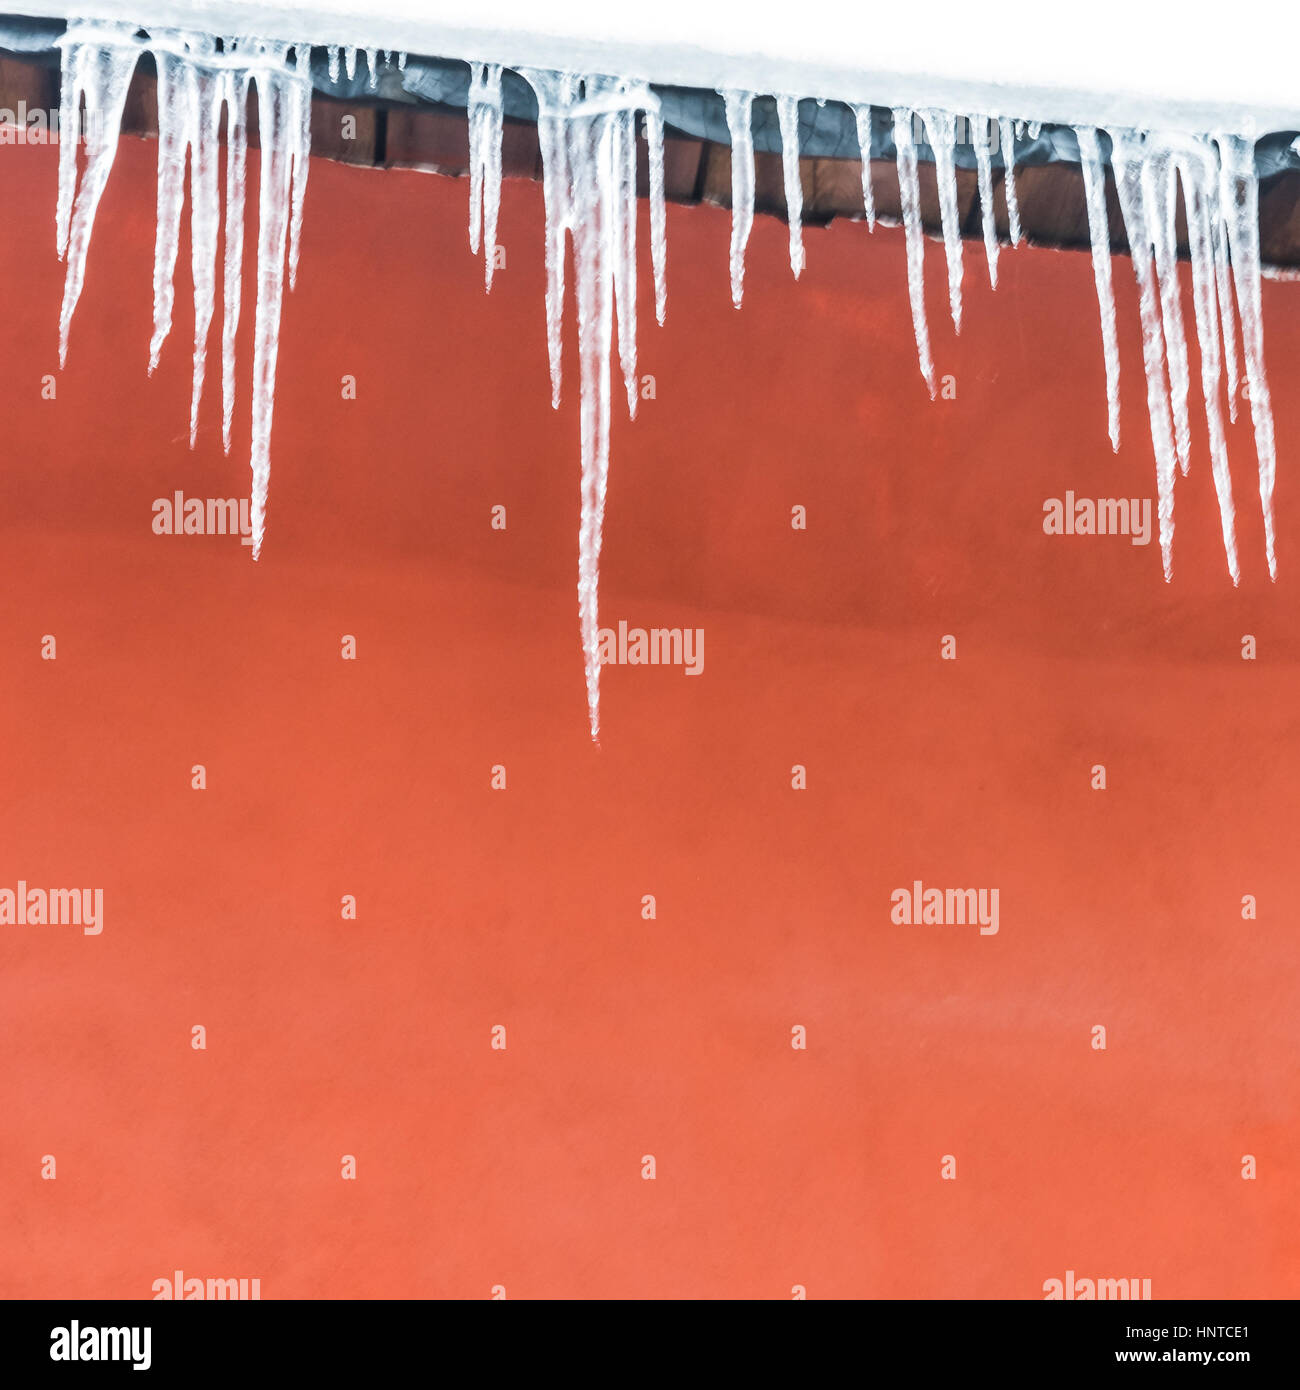 Eiszapfen auf das rote Haus, Abstrakt, Hintergrund Stockbild